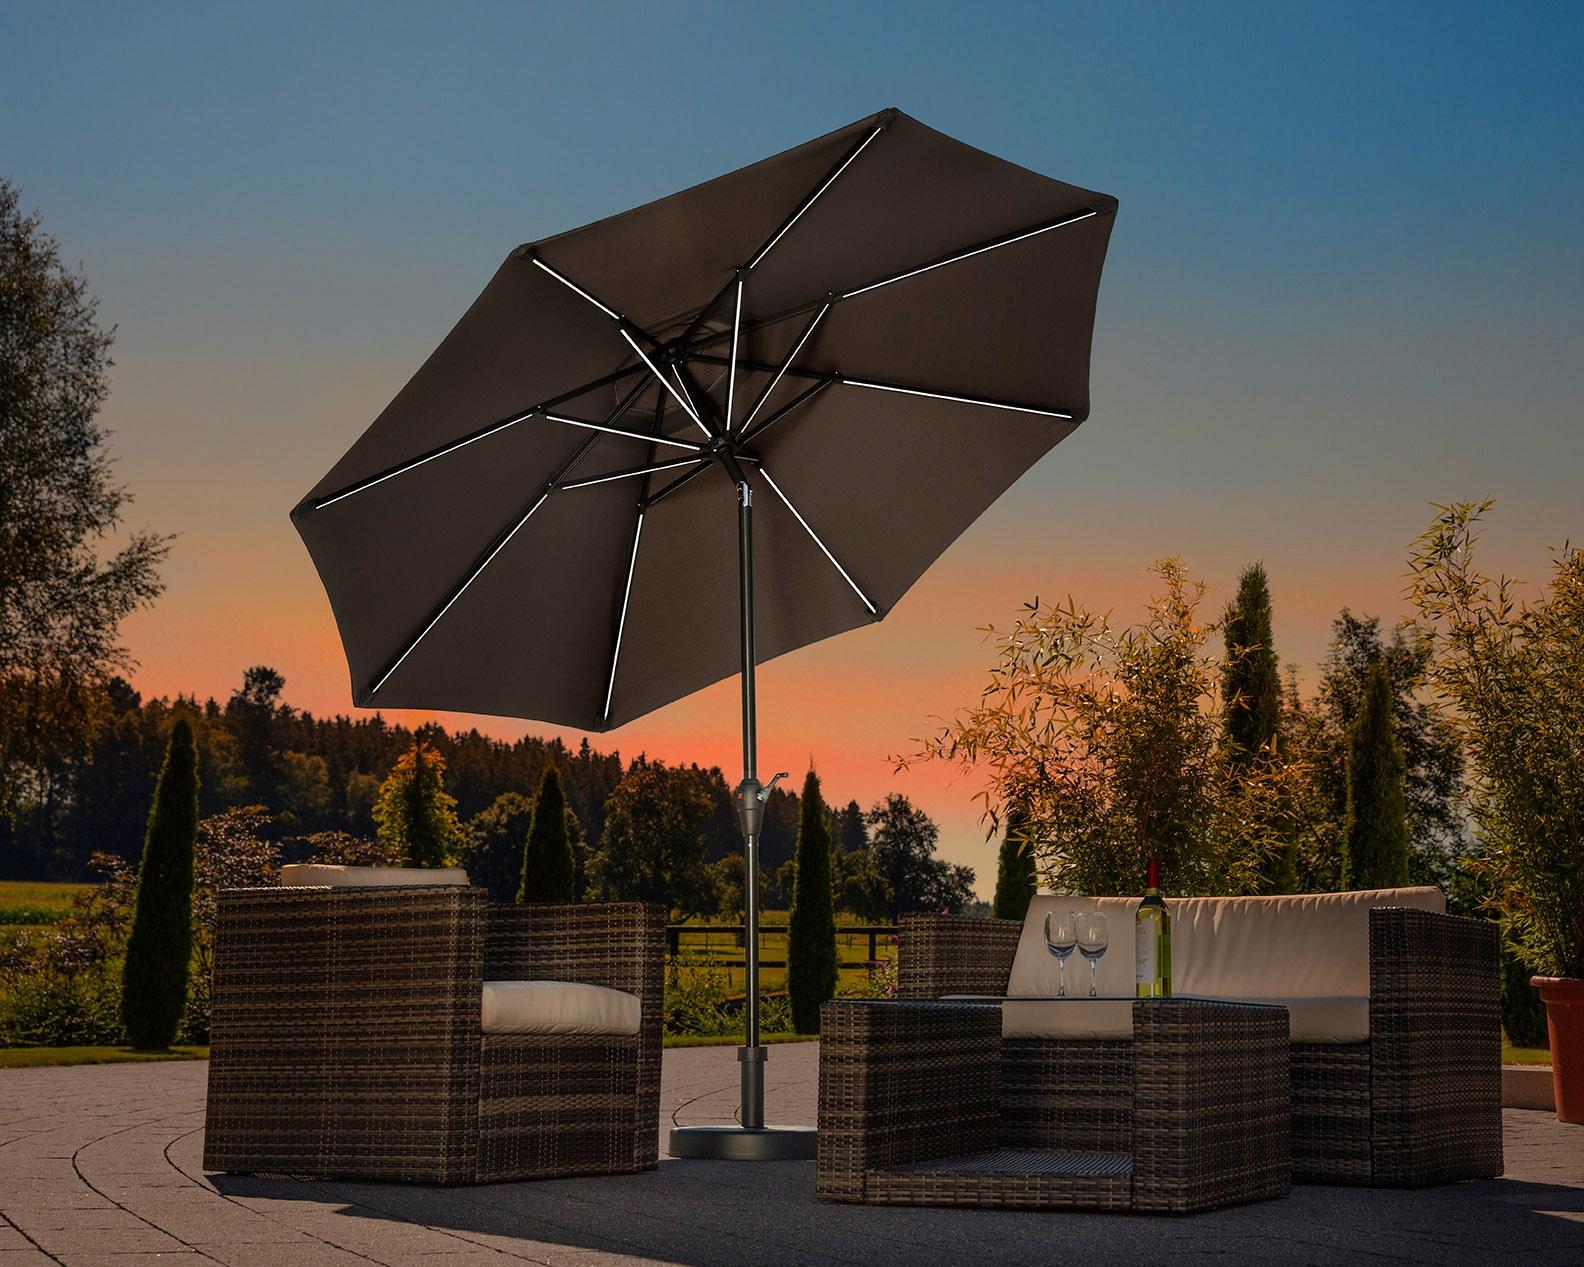 Schneider Schirme Sonnenschirm Blacklight it, ohne Schirmständer grau Sonnenschirme -segel Gartenmöbel Gartendeko